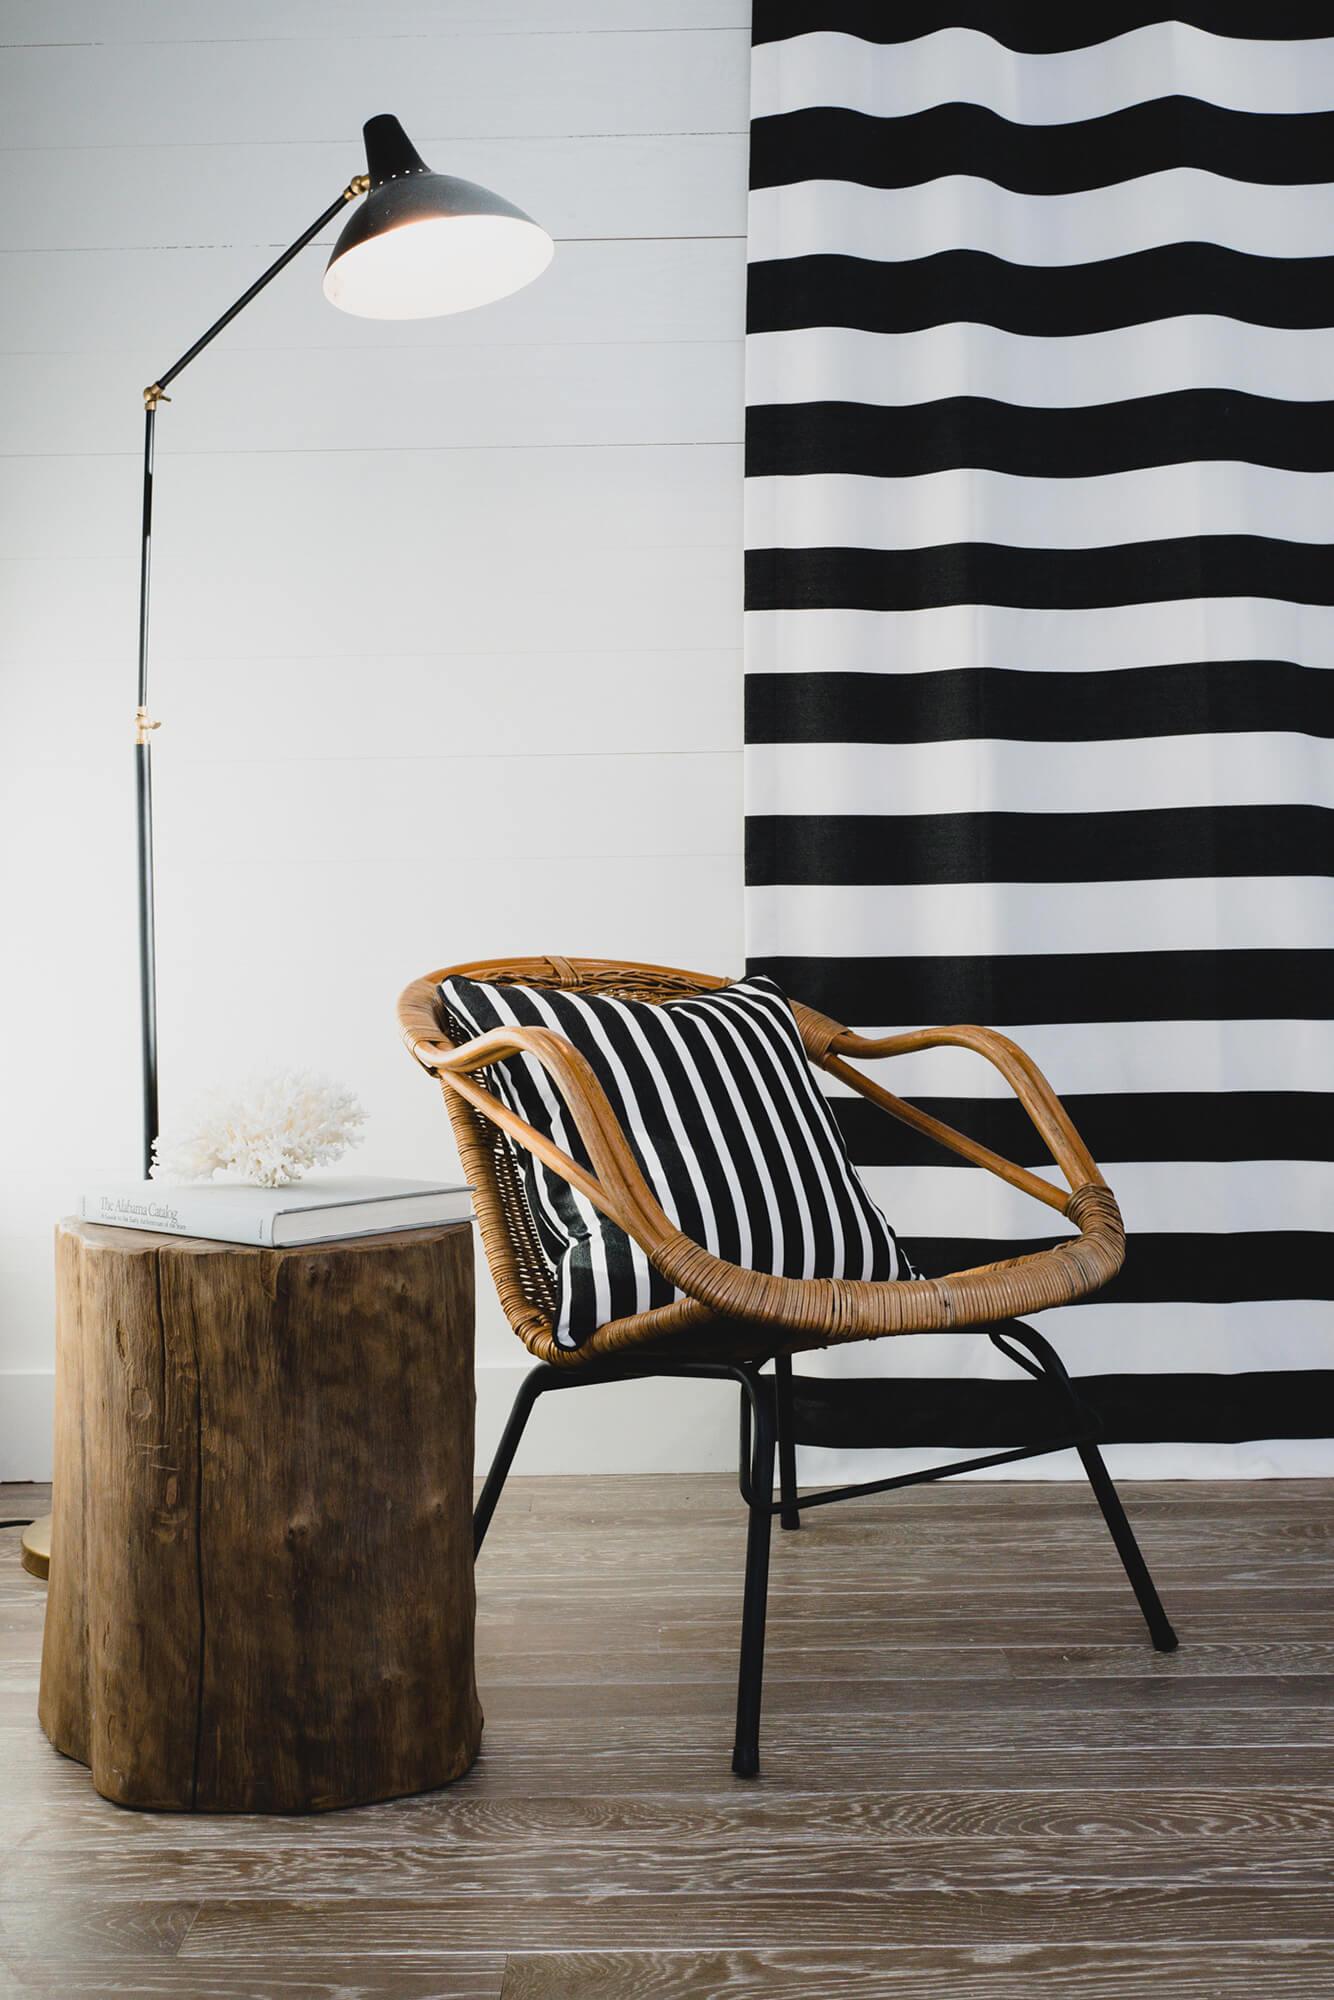 เก้าอี้พร้อมหมอนสีขาวและดำลายทาง ตกแต่งเข้ากับม่านสีขาวและดำลายทางเป็นพื้นหลัง